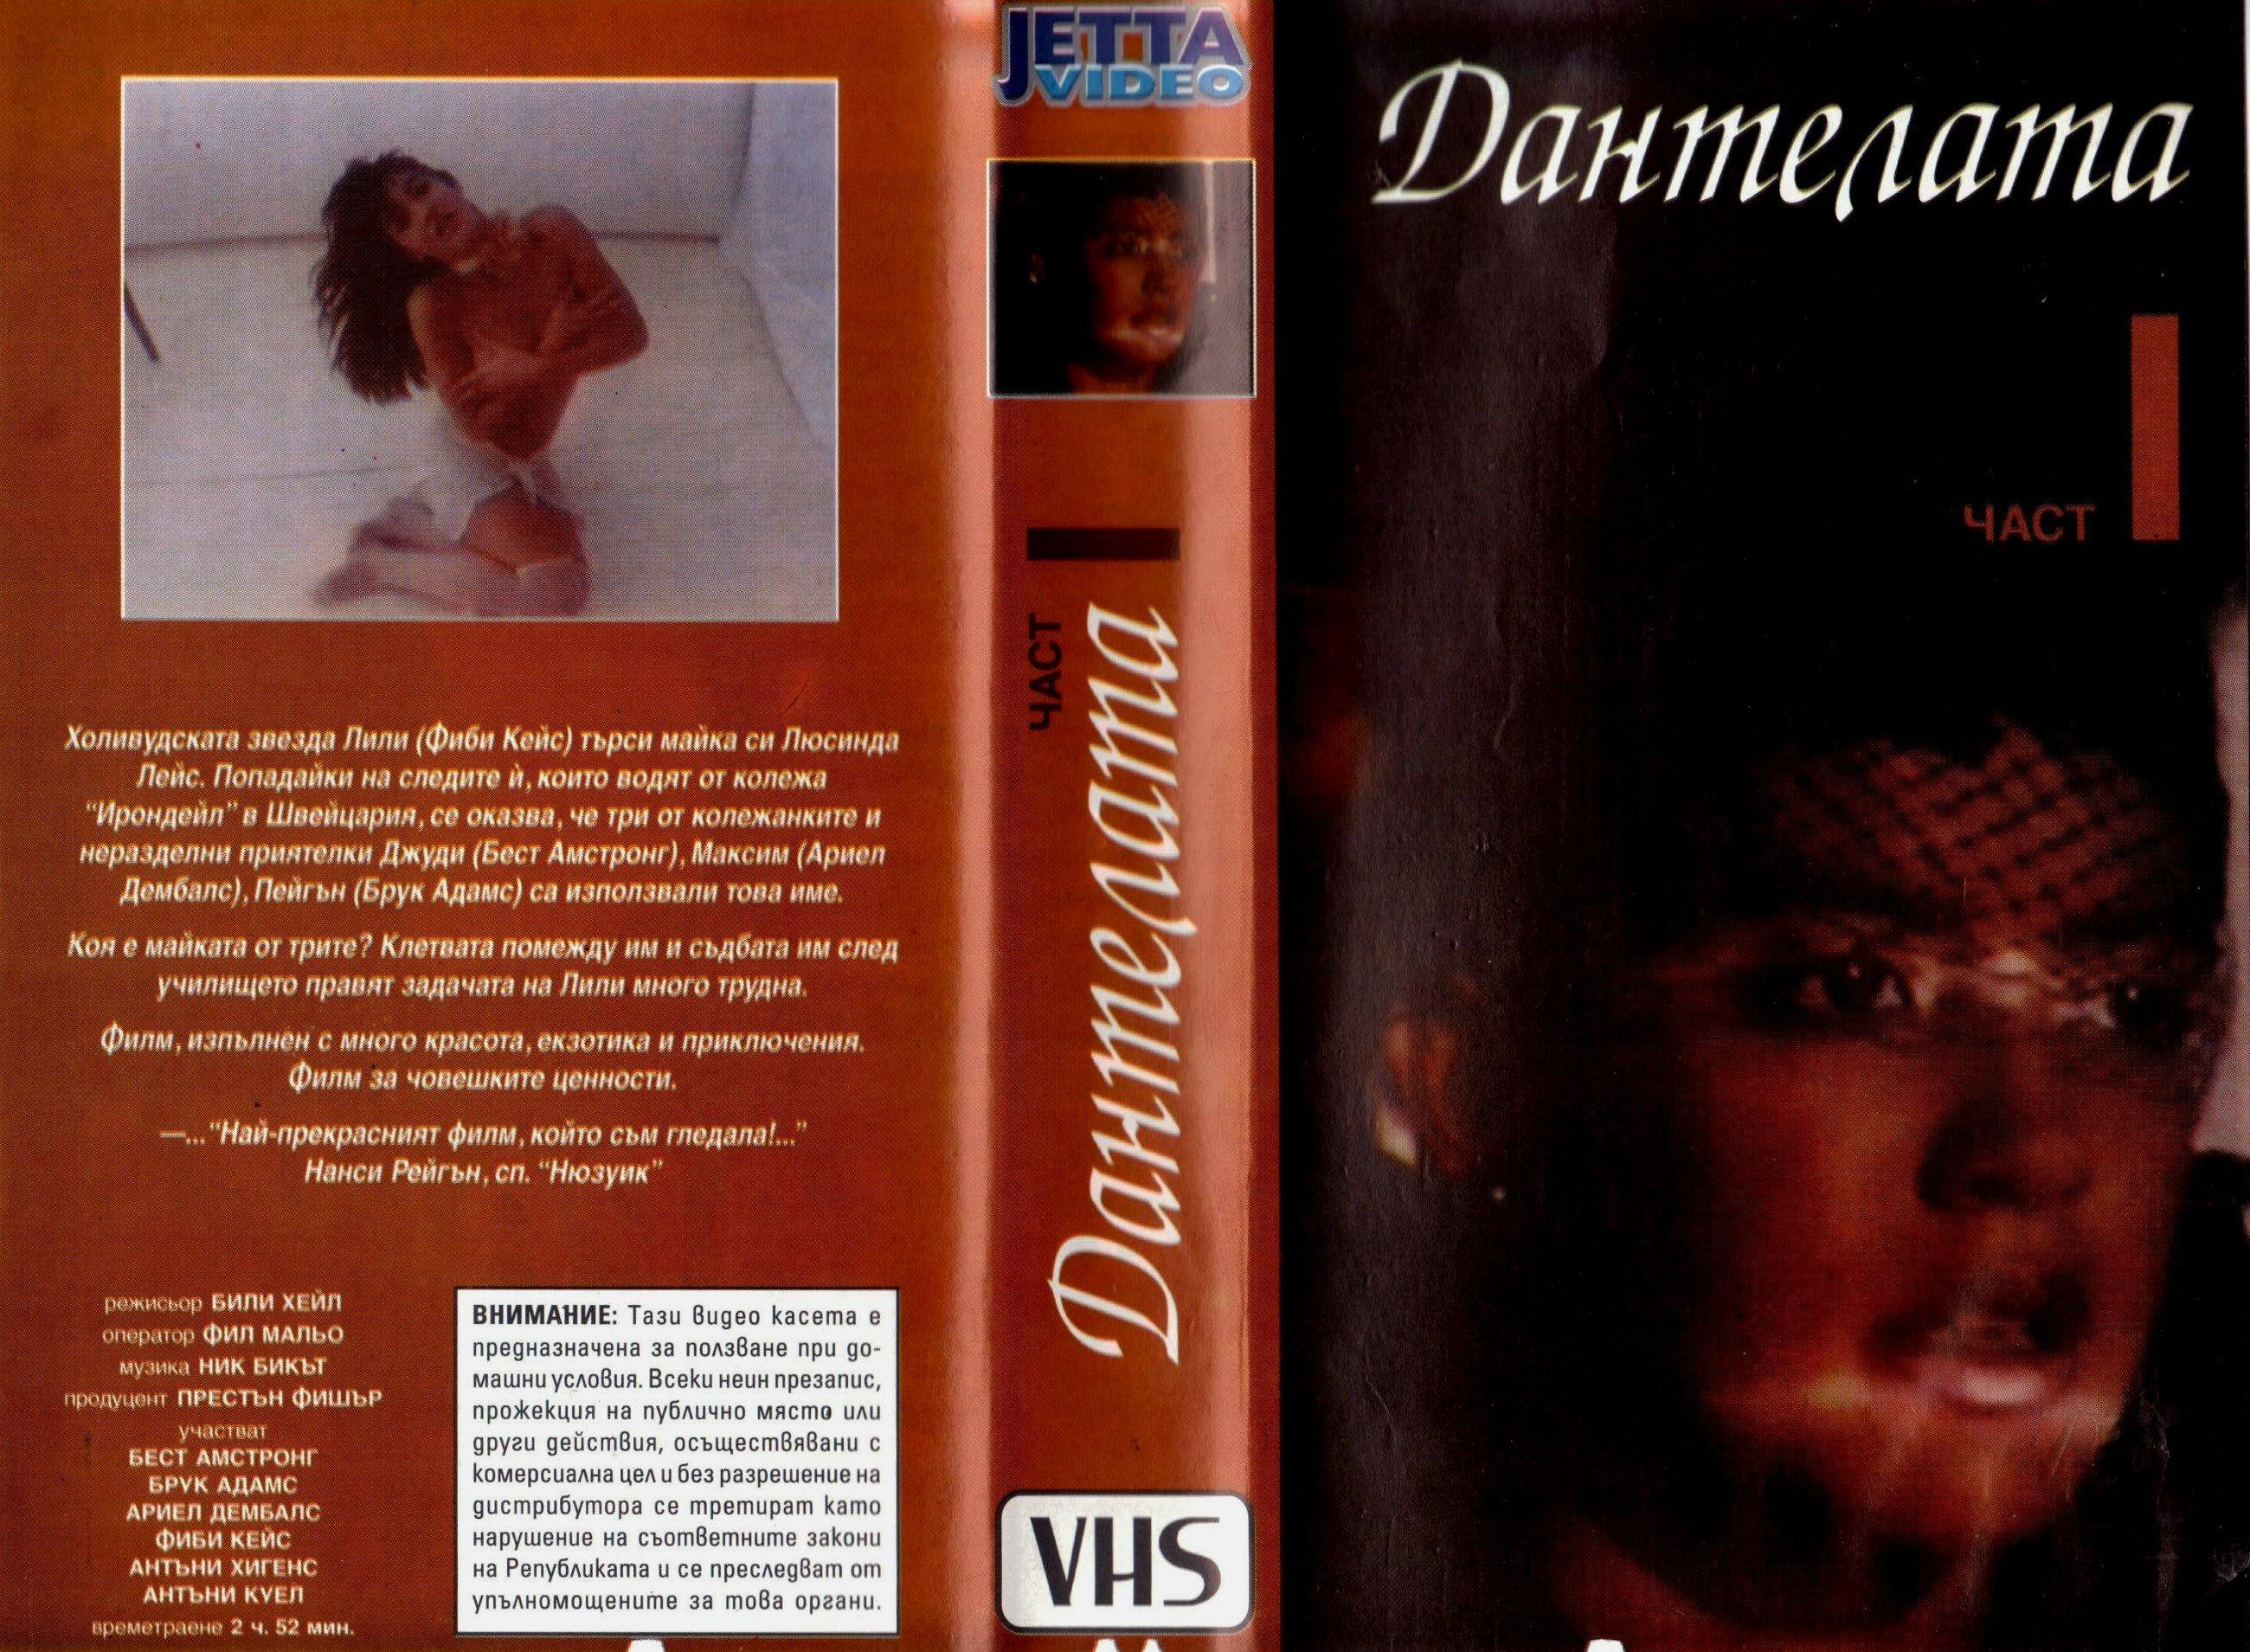 Дантелата филм